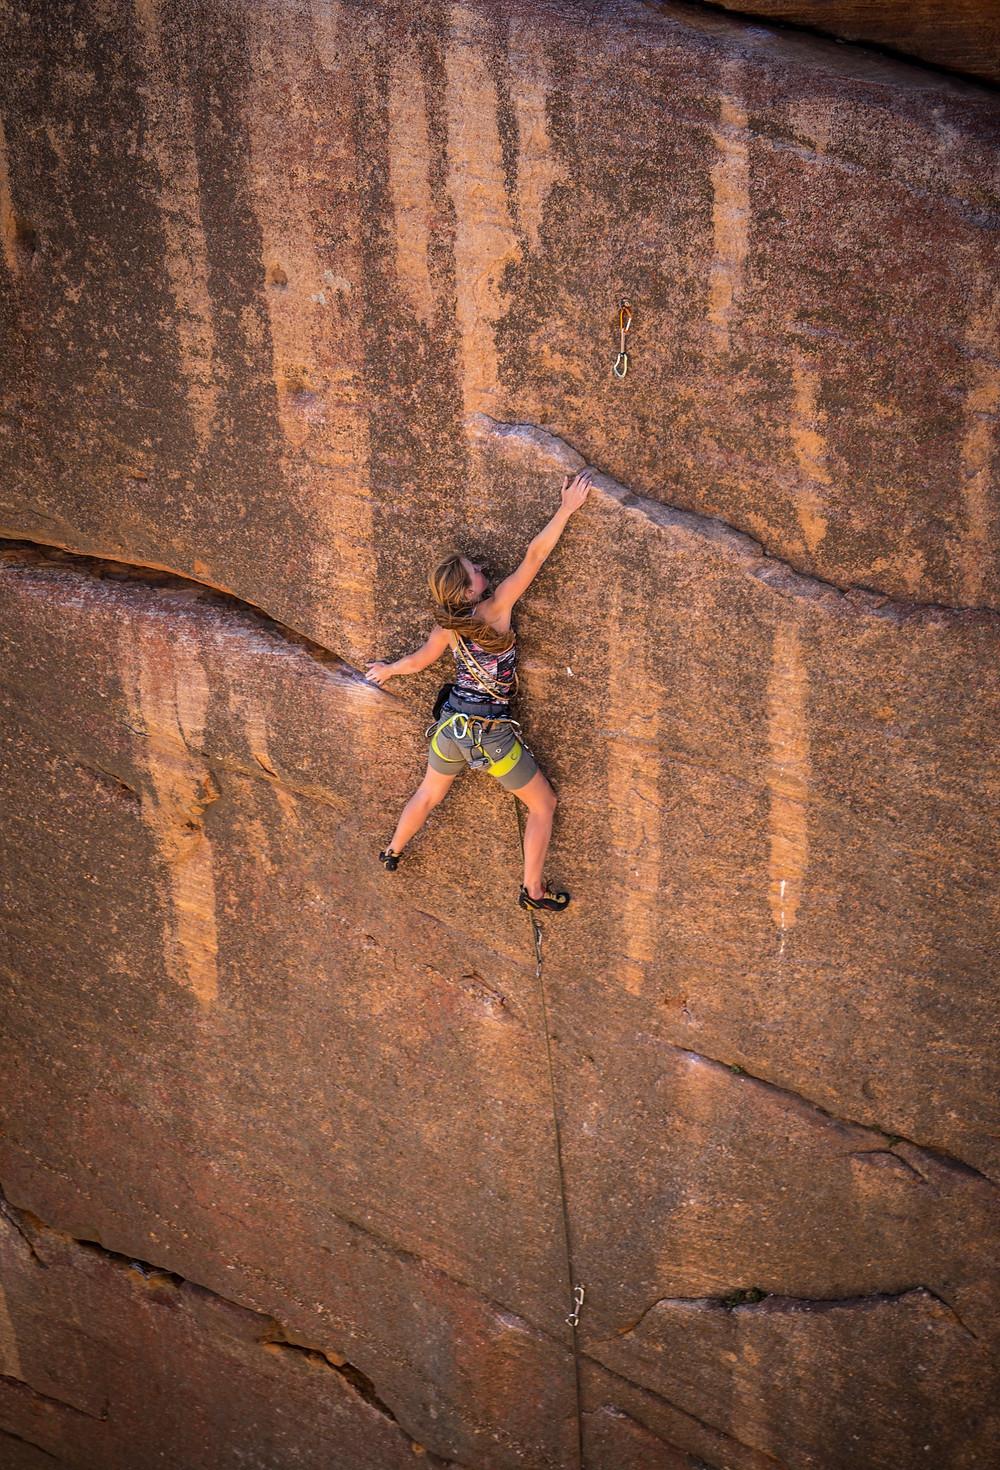 Südafrika Klettern Reise Sportklettern Bouldern Mehrseillängen